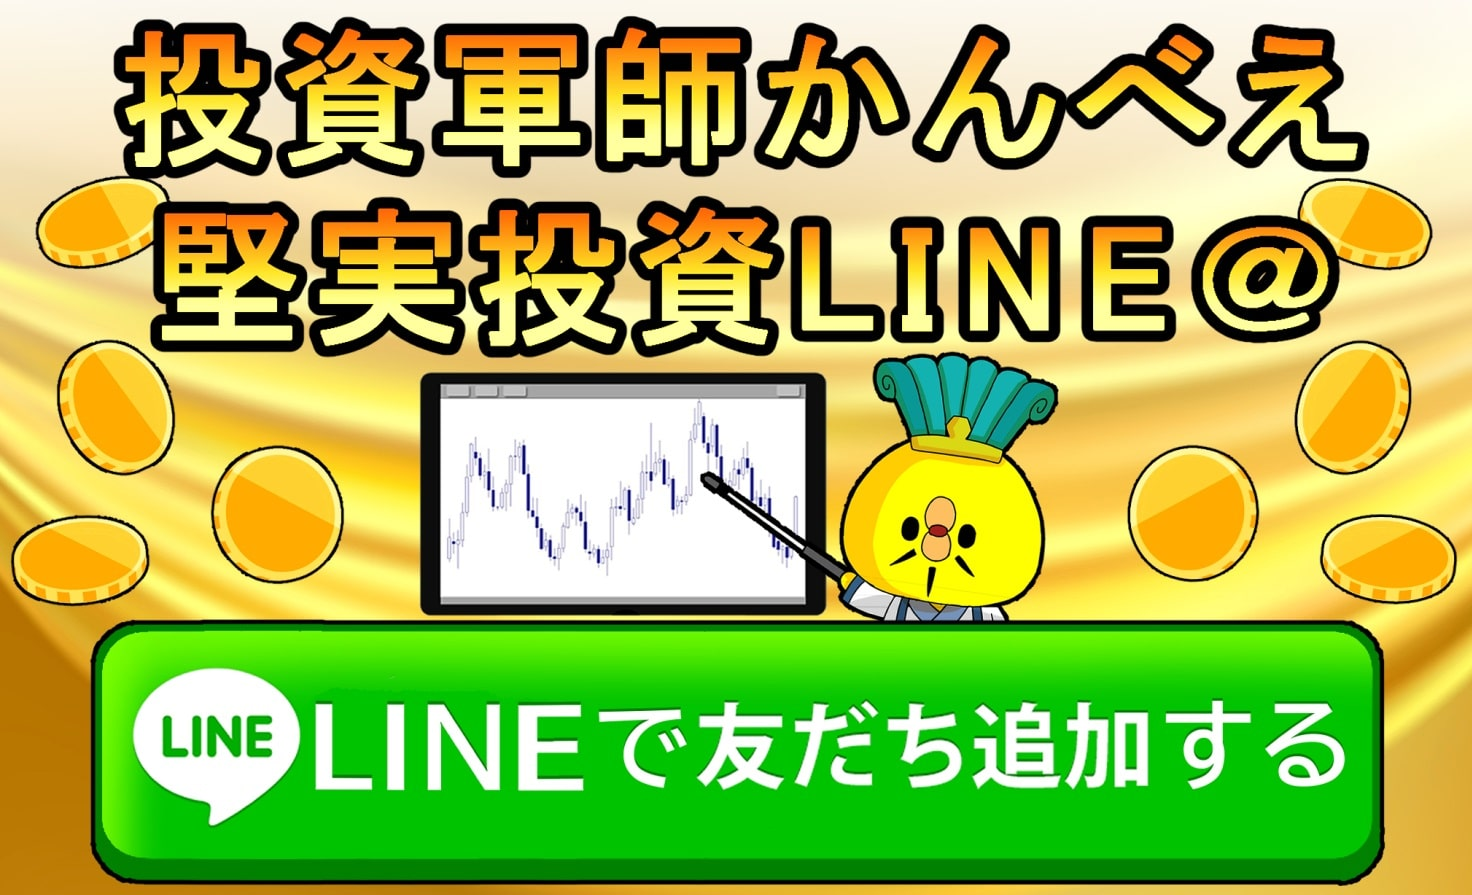 かんべえ堅実投資LINE@:ハイリターン投資ROCK